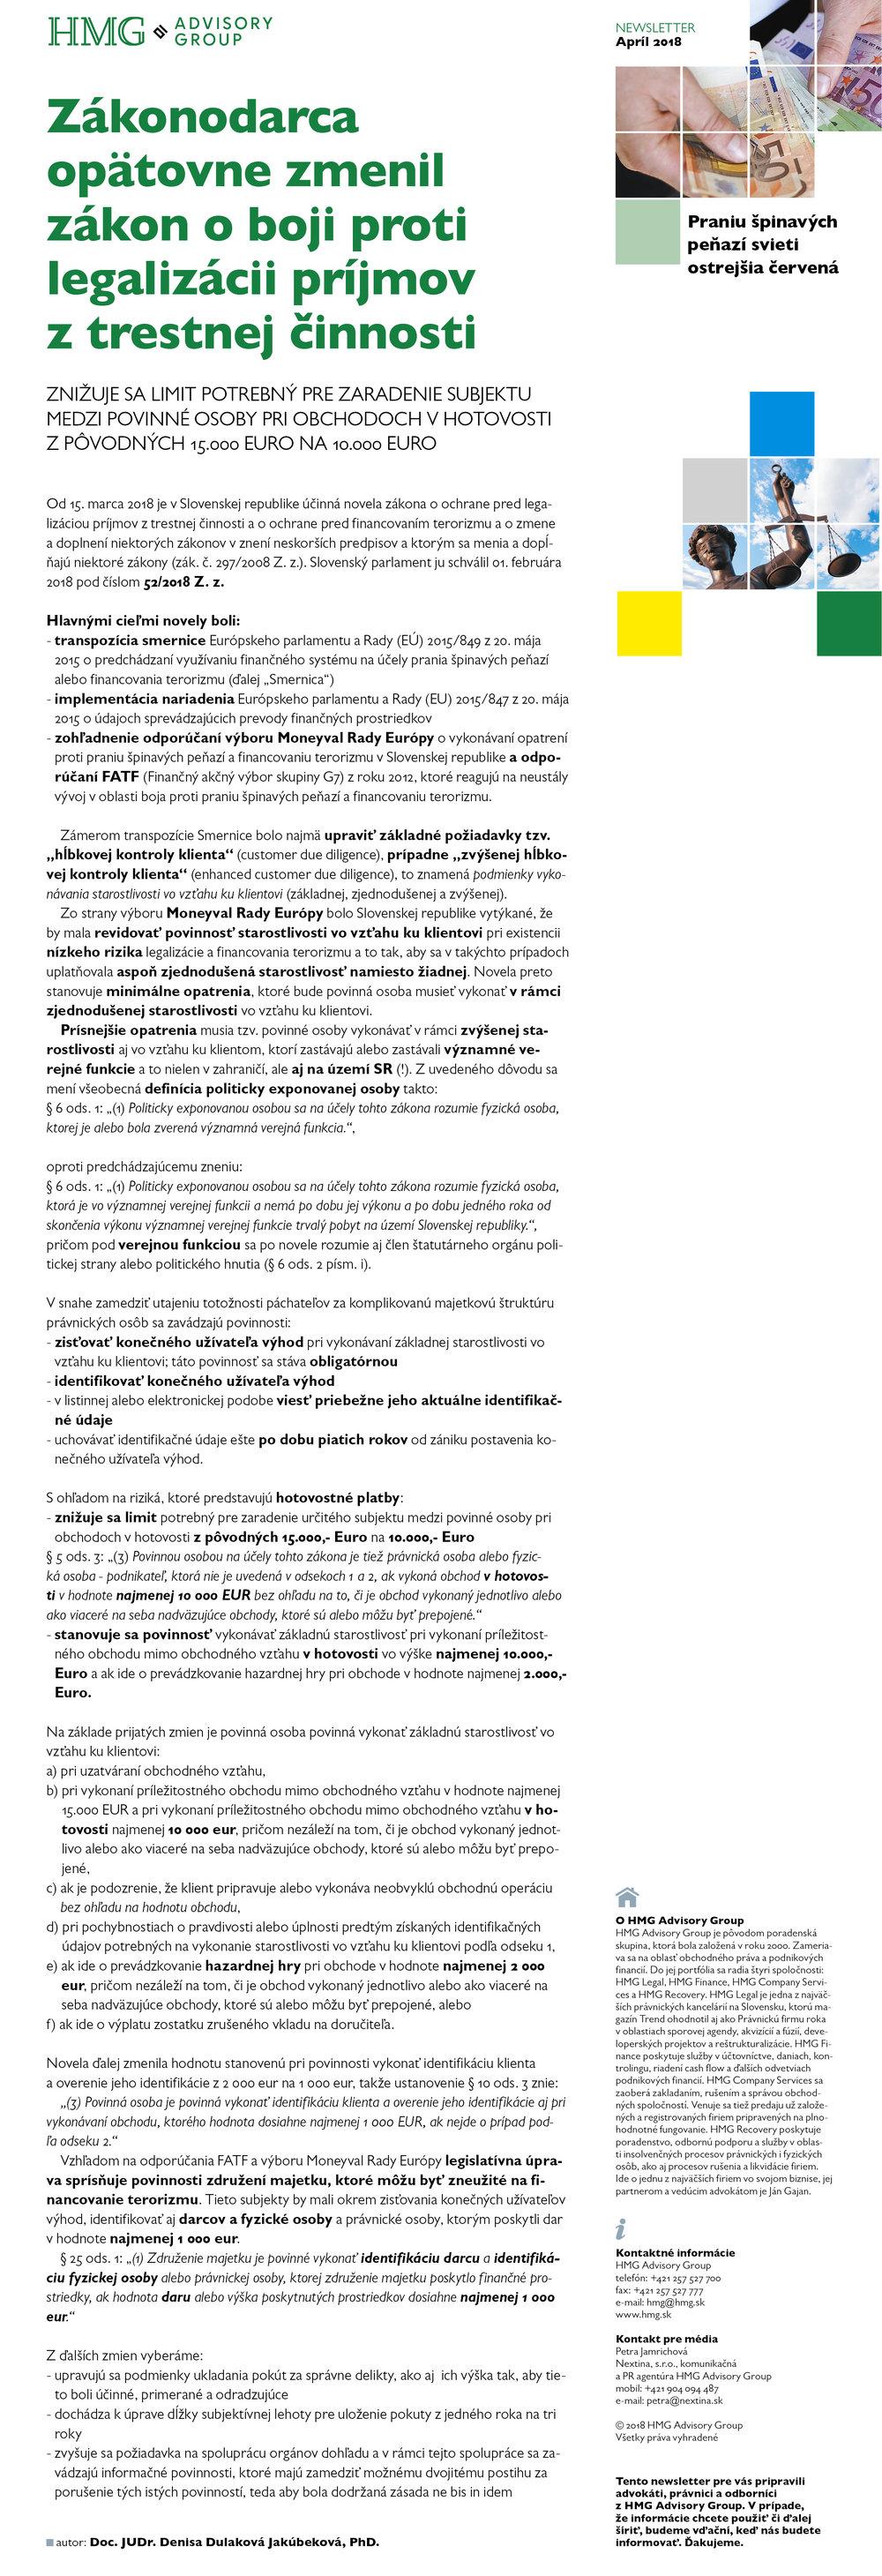 HMG_newsletter_legalizacia_prijmov.jpg